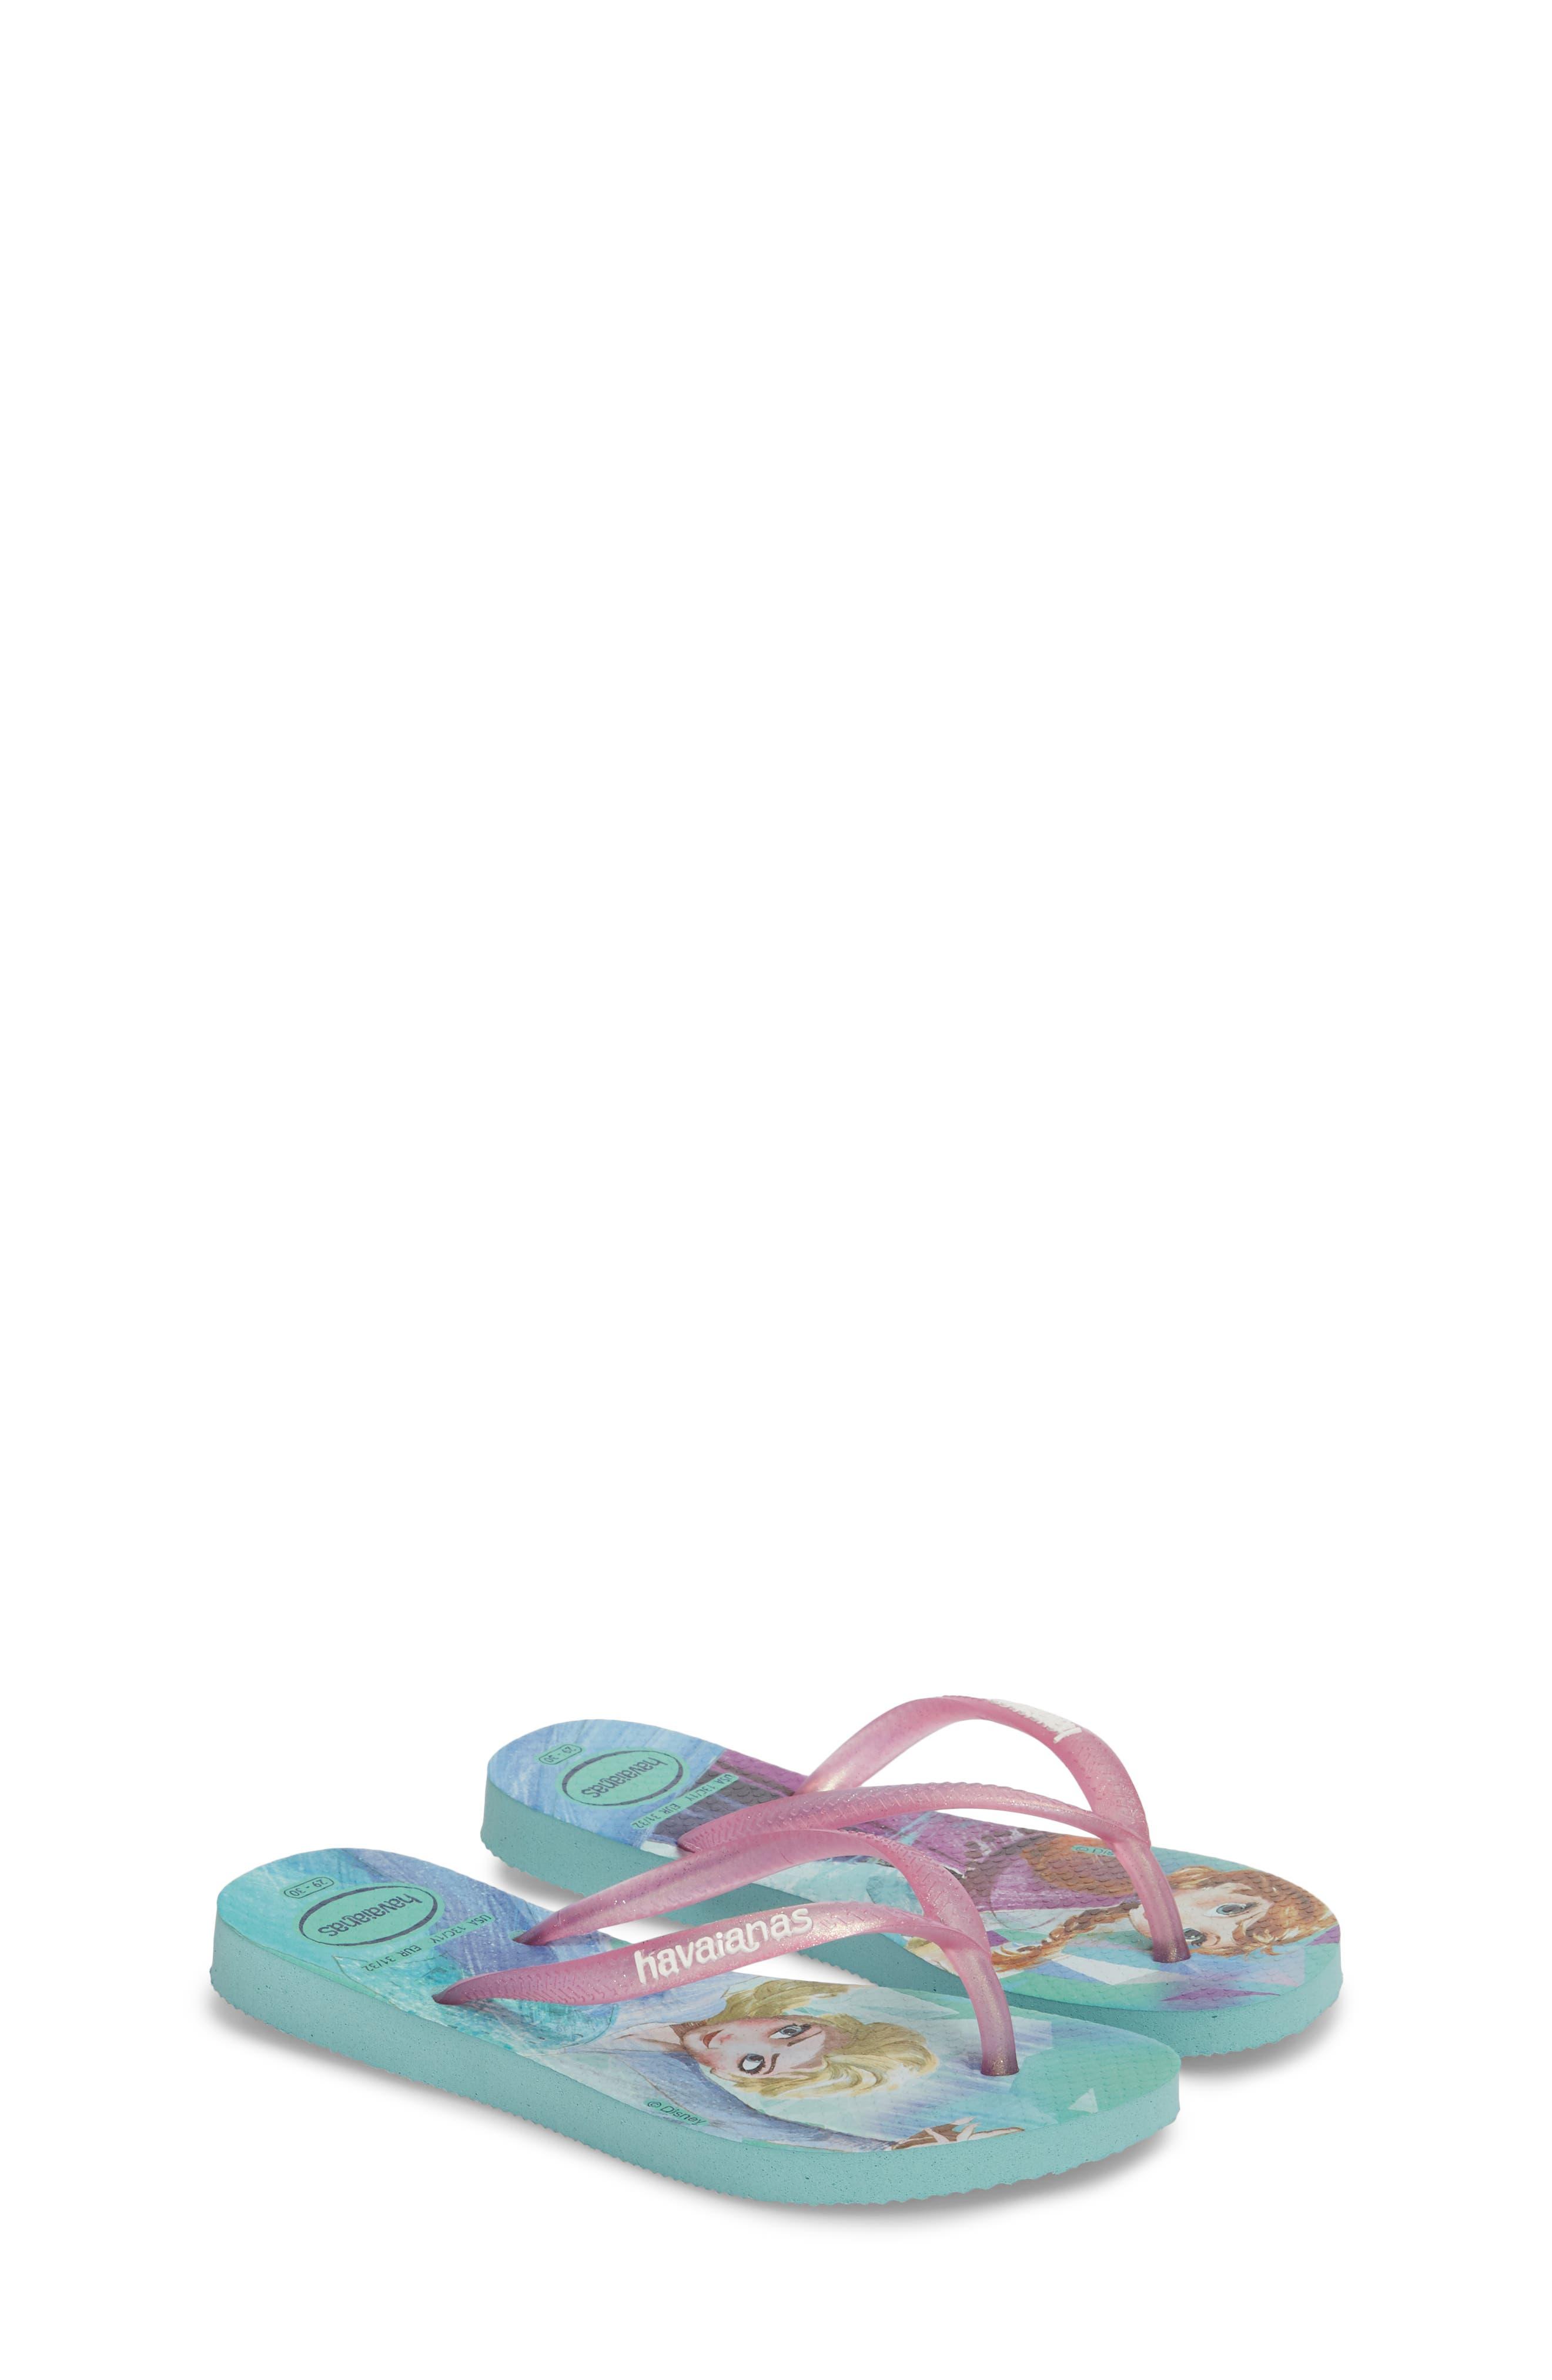 Alternate Image 3  - Havaianas Slim Frozen Flip Flop (Toddler & Little Kid)